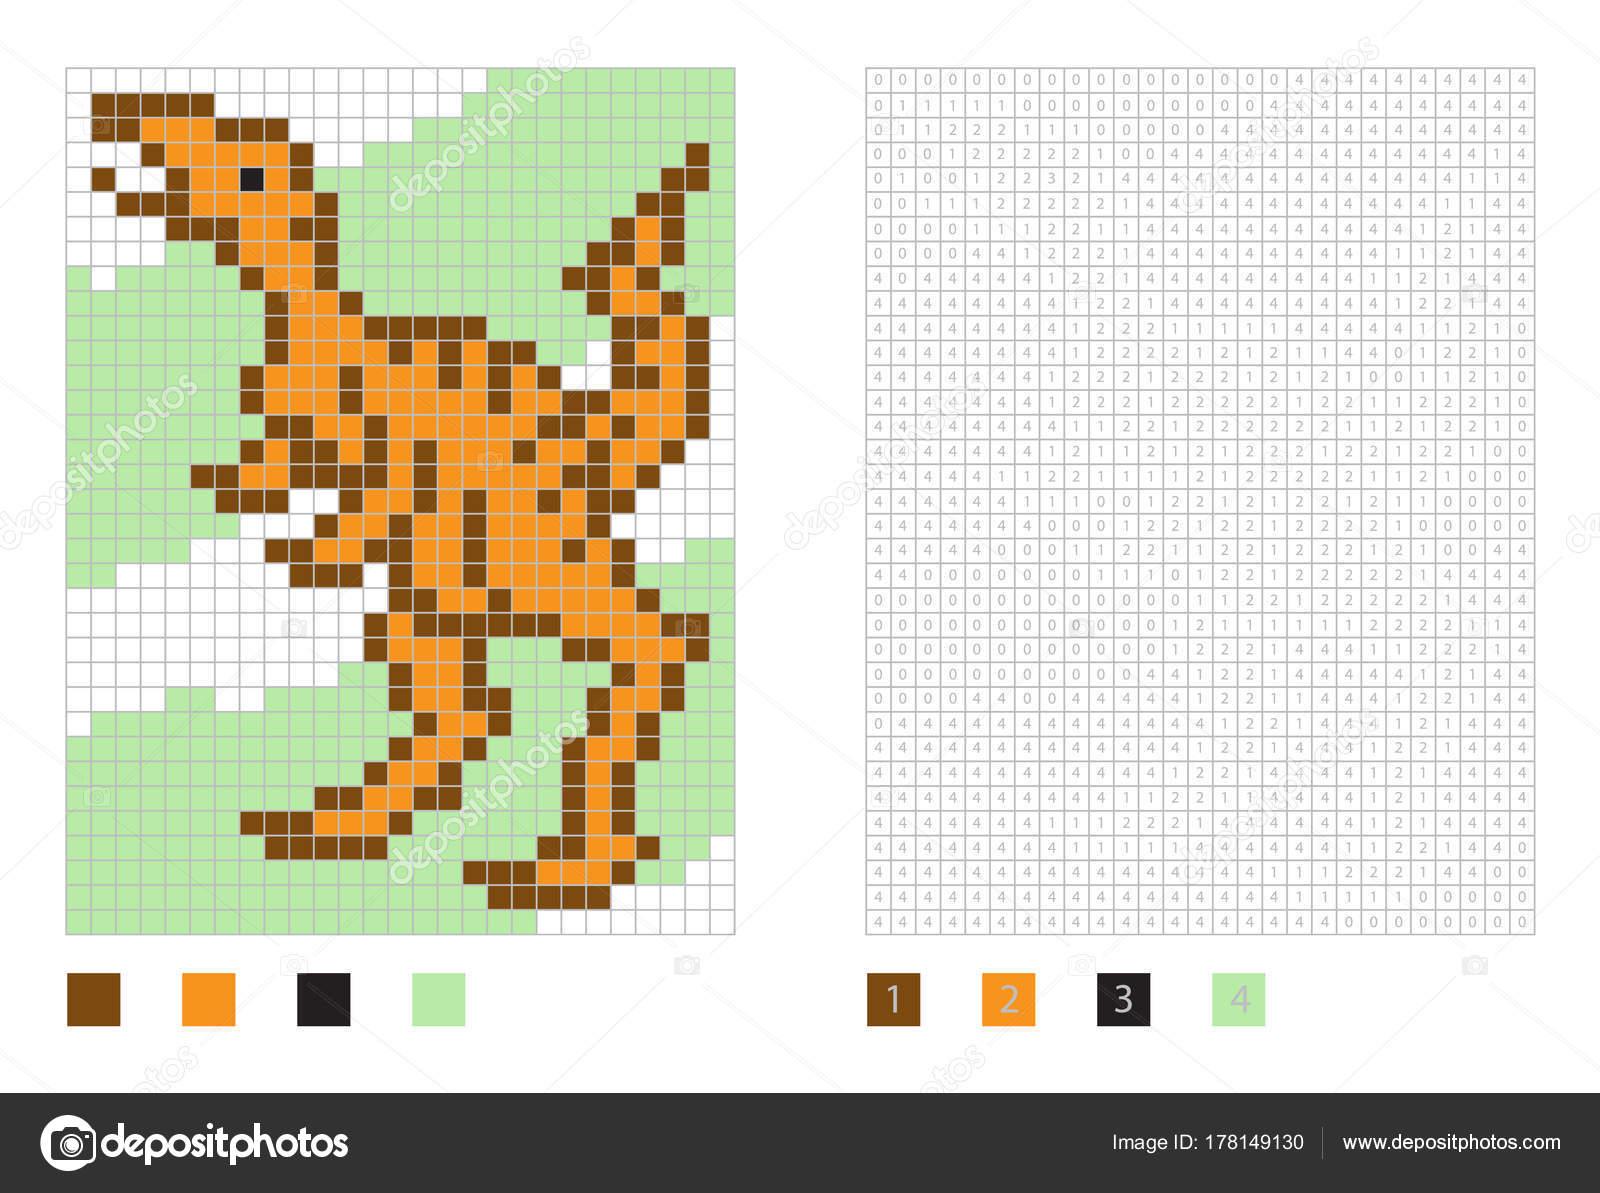 Pixel Dinosaurier Cartoon in die Malseite mit nummerierten Plätzen ...